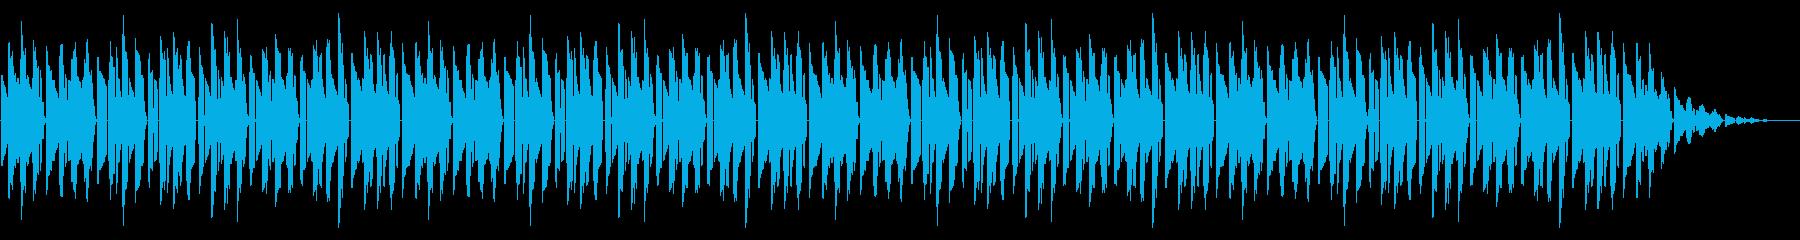 GB系風和風ゲームのED曲の再生済みの波形